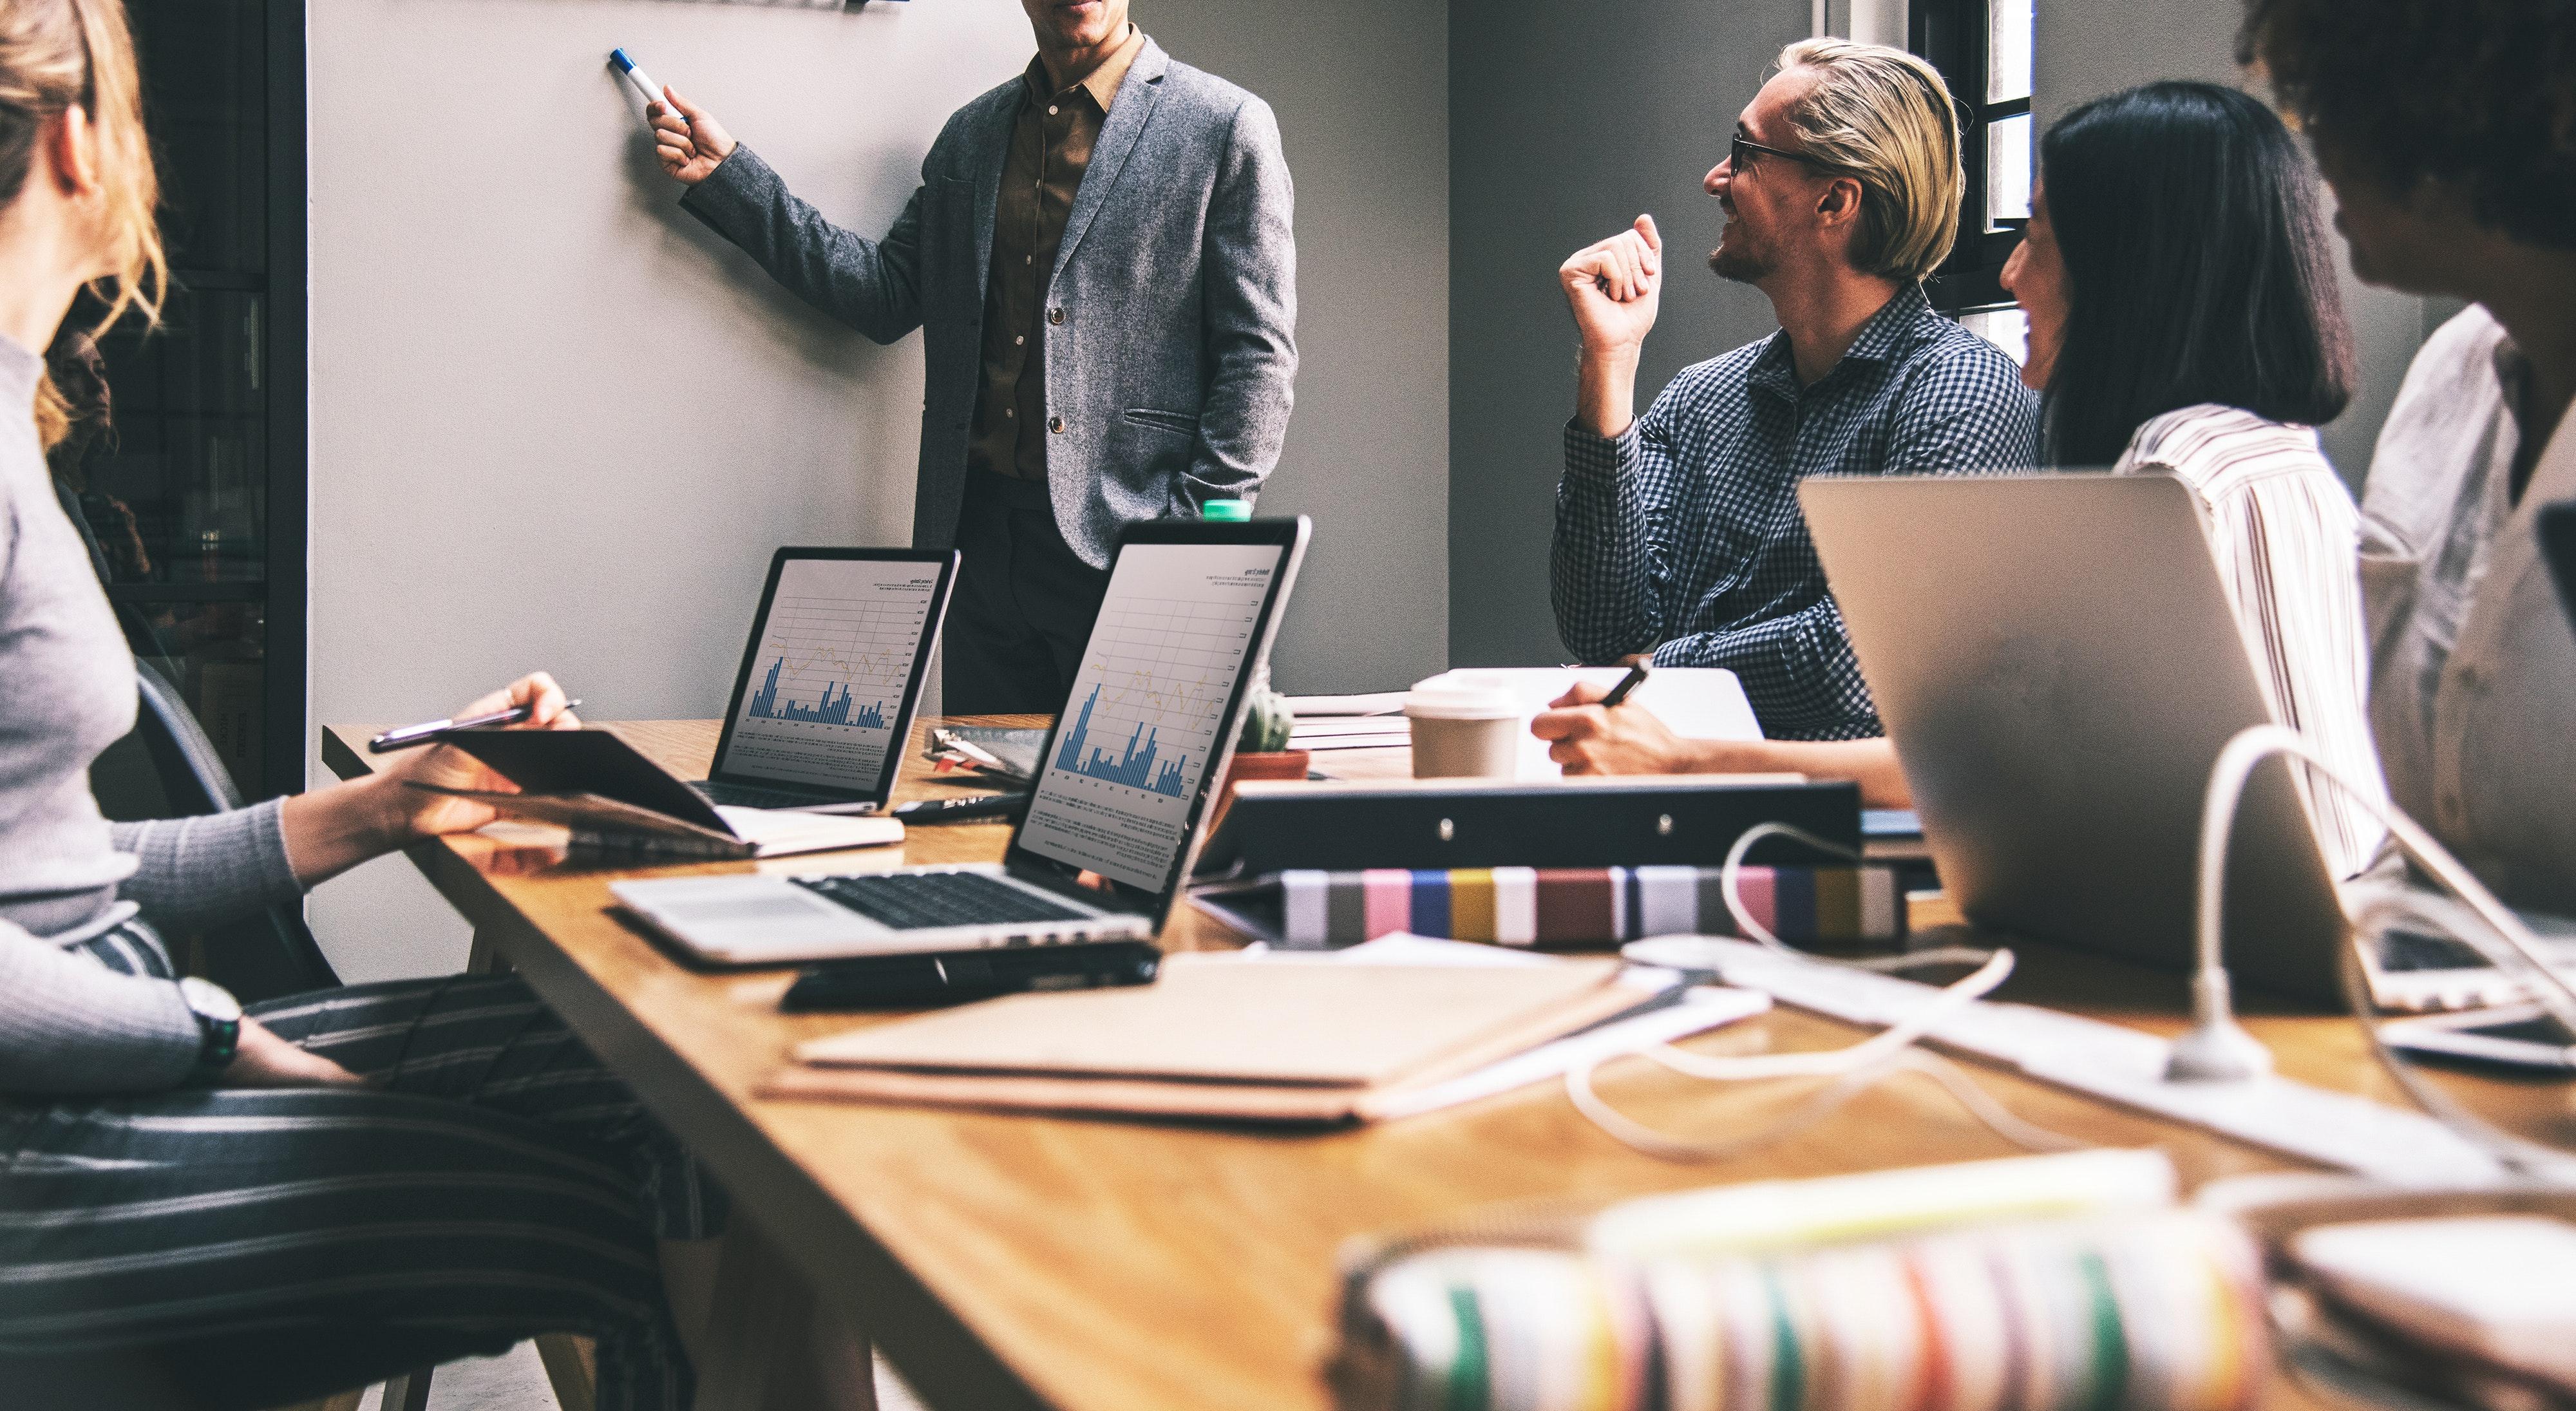 Zo creëer je een positieve werksfeer in je bedrijf